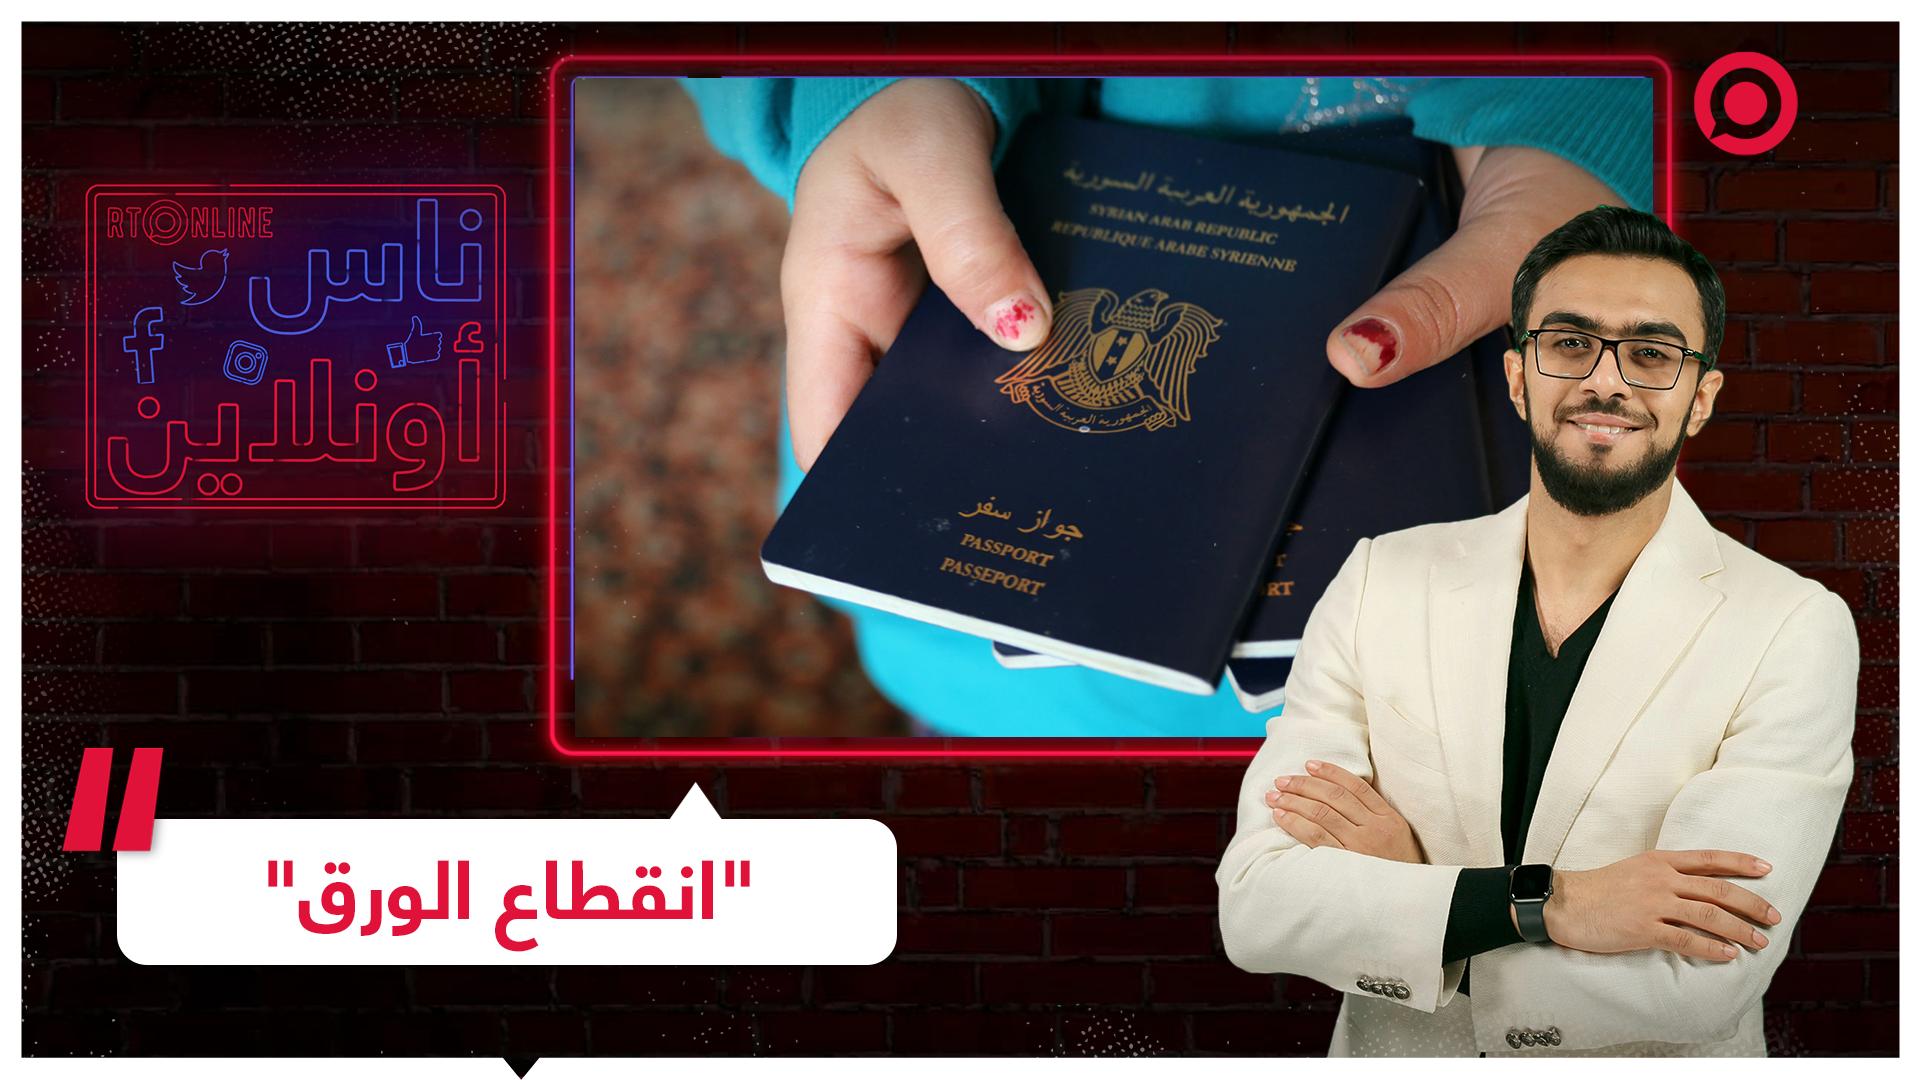 لا ورق لا جوازات سفر.. أزمة جديدة في سوريا ولبنان!